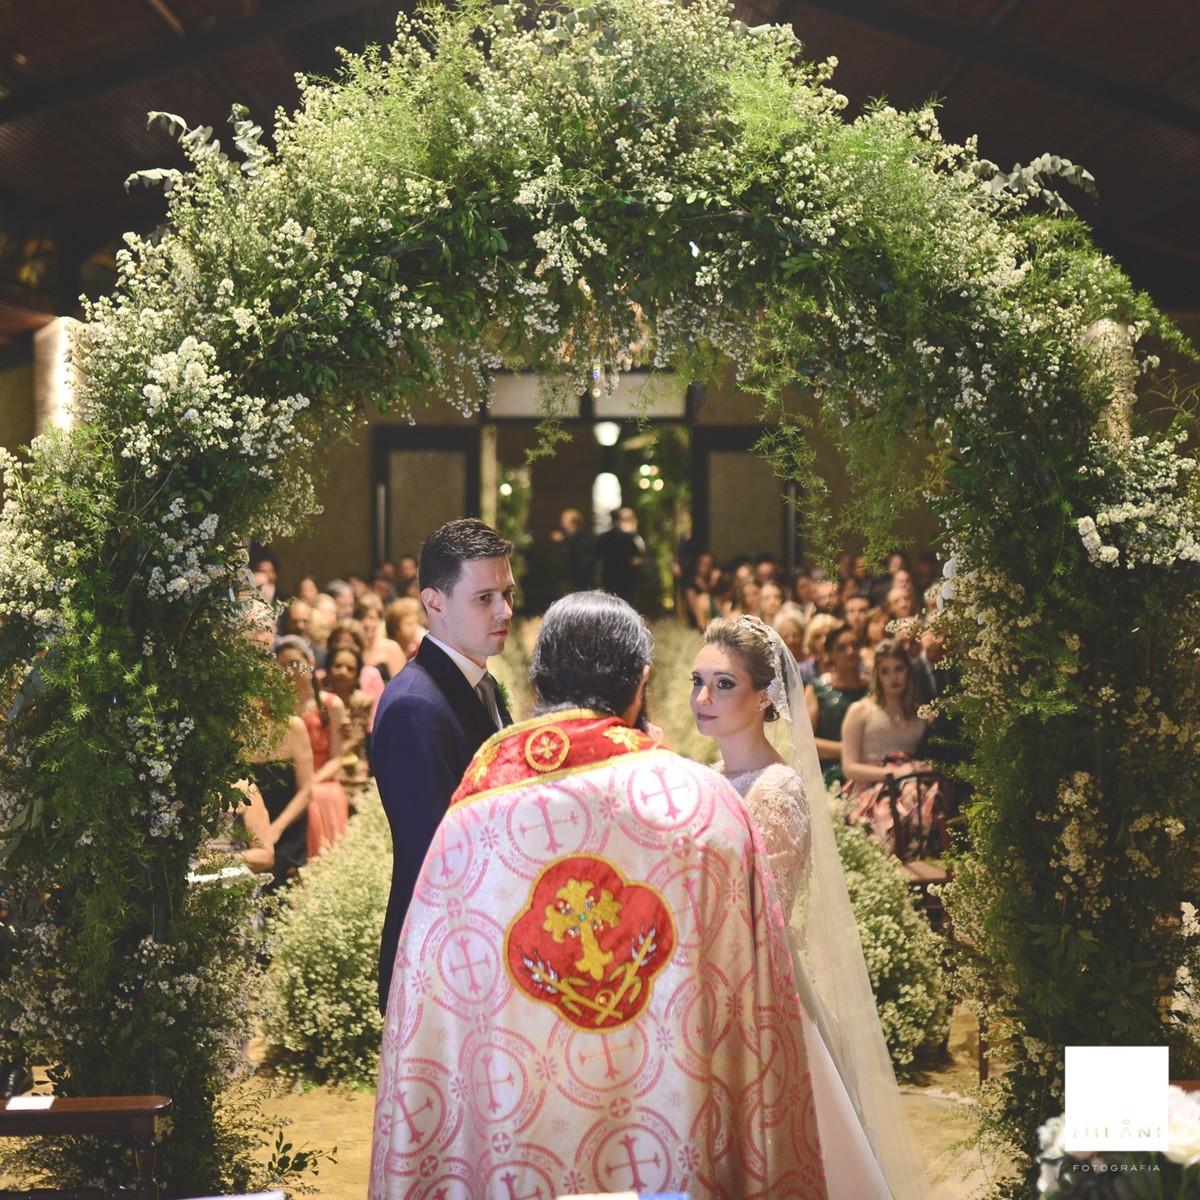 Durante a cerimônia religiosa